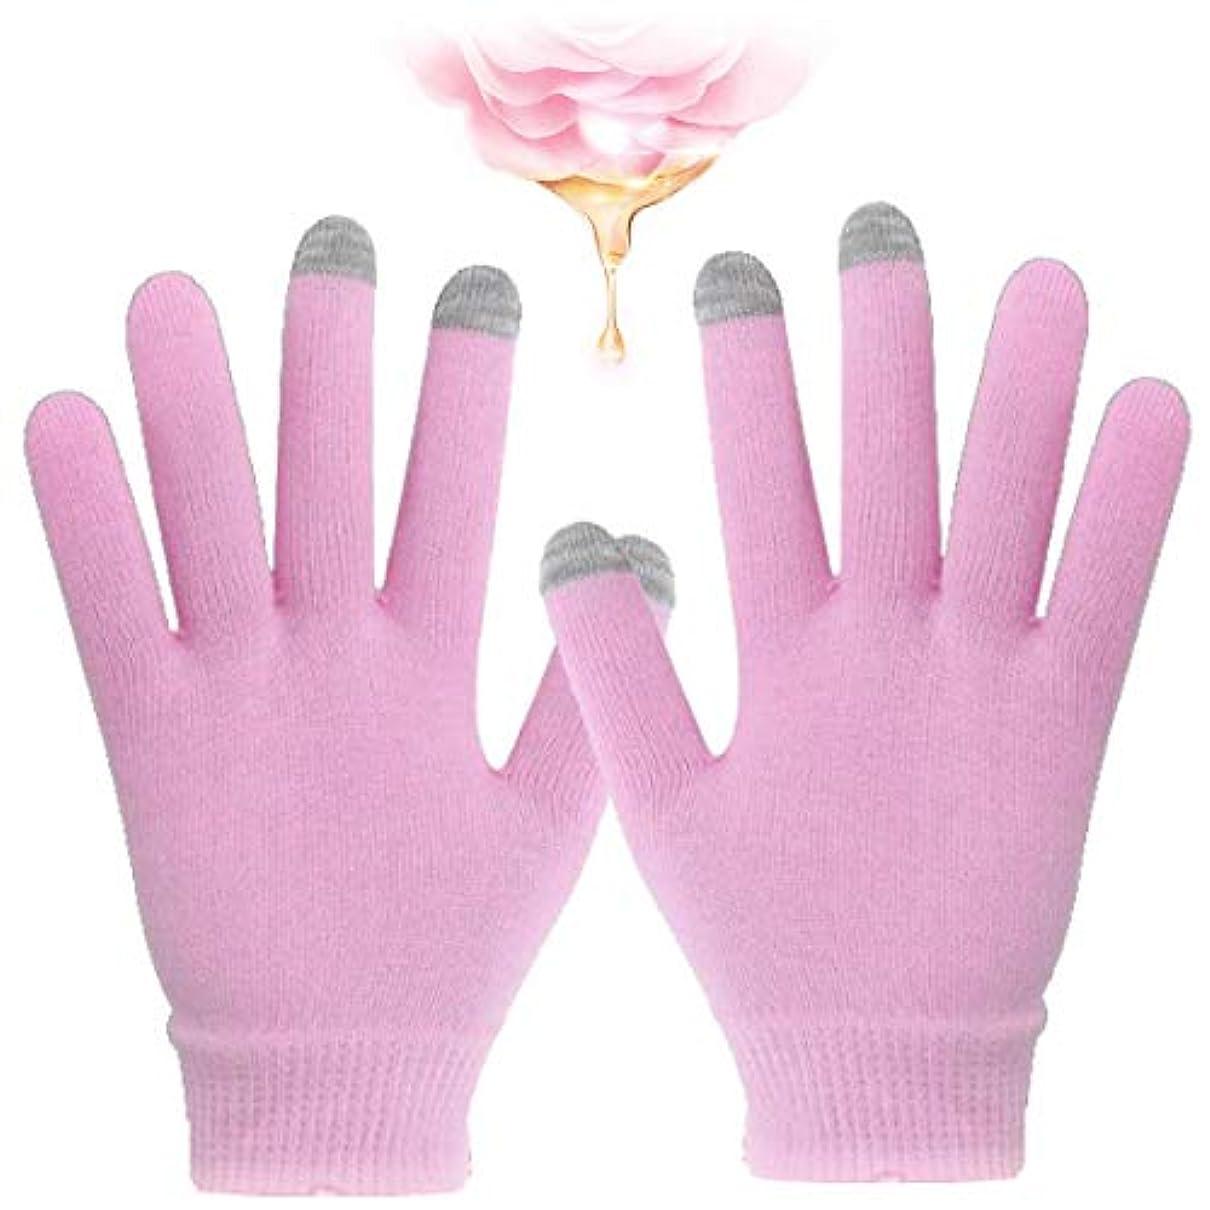 コピー解明添付ハンドケア 手袋 スマホ対応 手袋 ゲル 保湿 美容成分配合 手荒れ 対策 おやすみ スキンケア グローブ うるおい 保護 タブレット